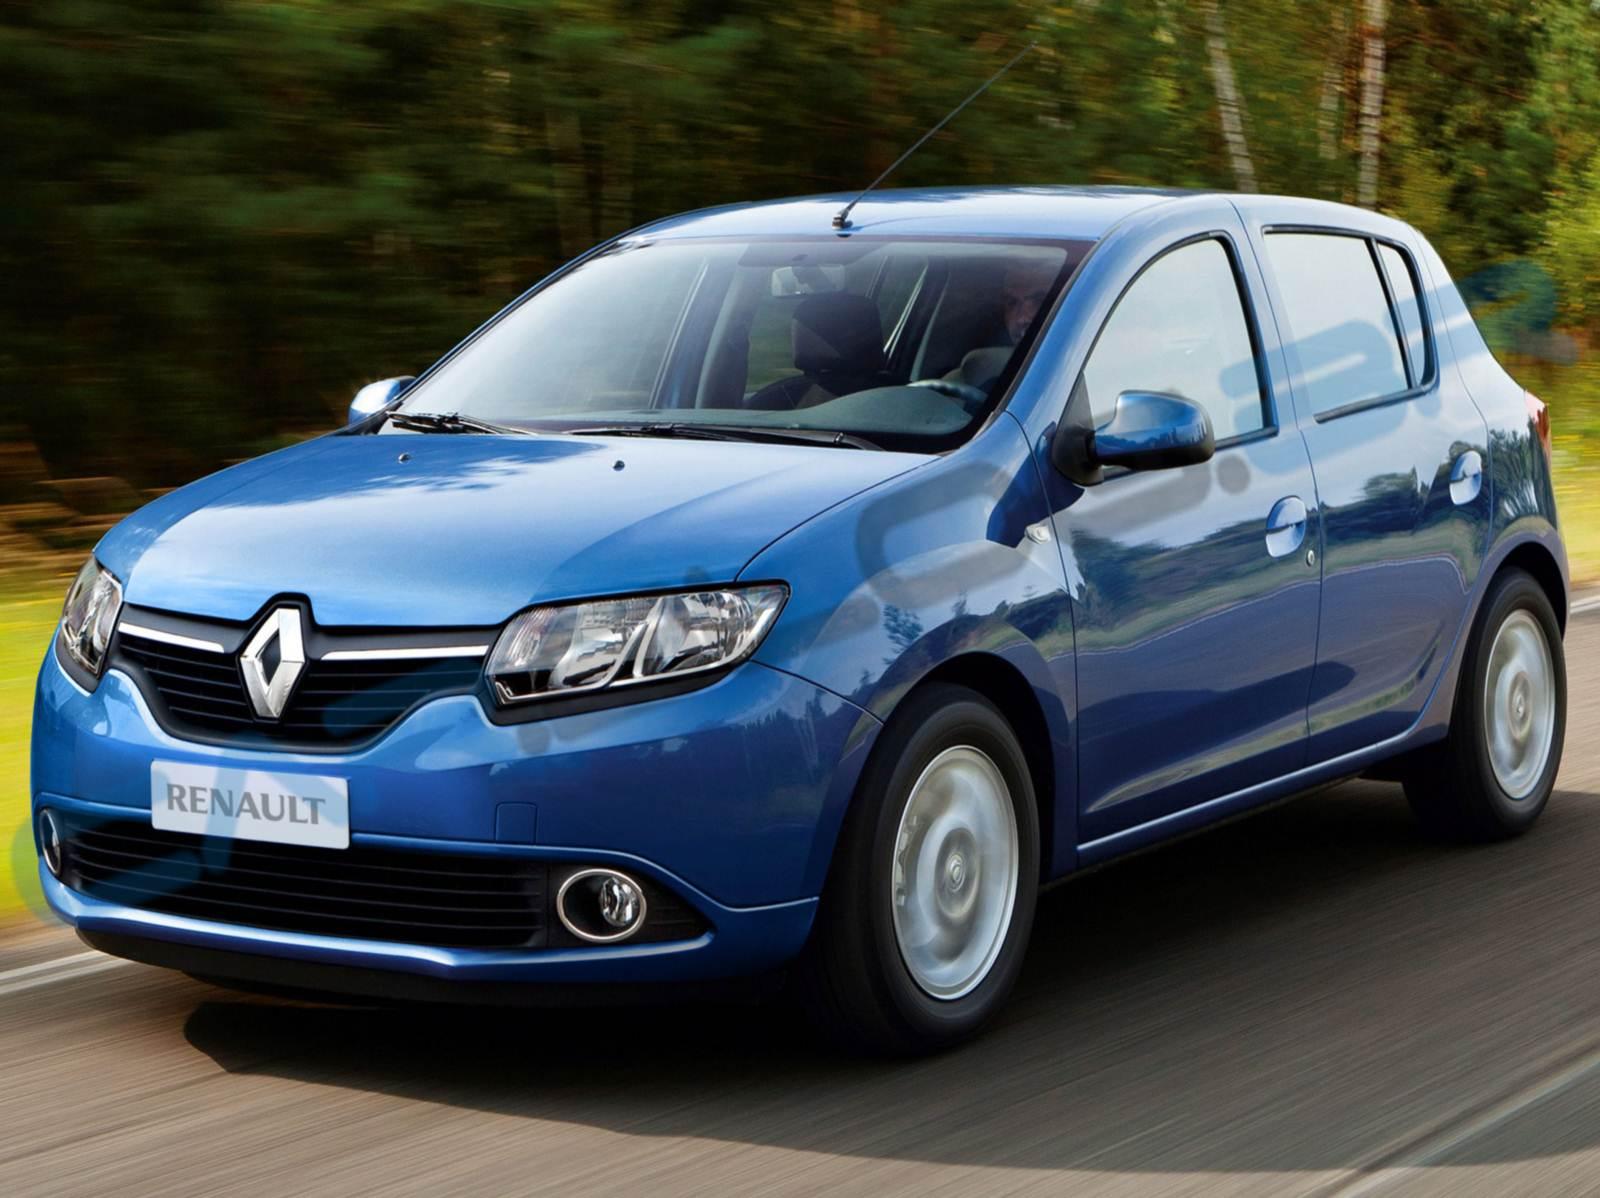 Novo Renault Sandero 2014 - projeção antecipa linhas